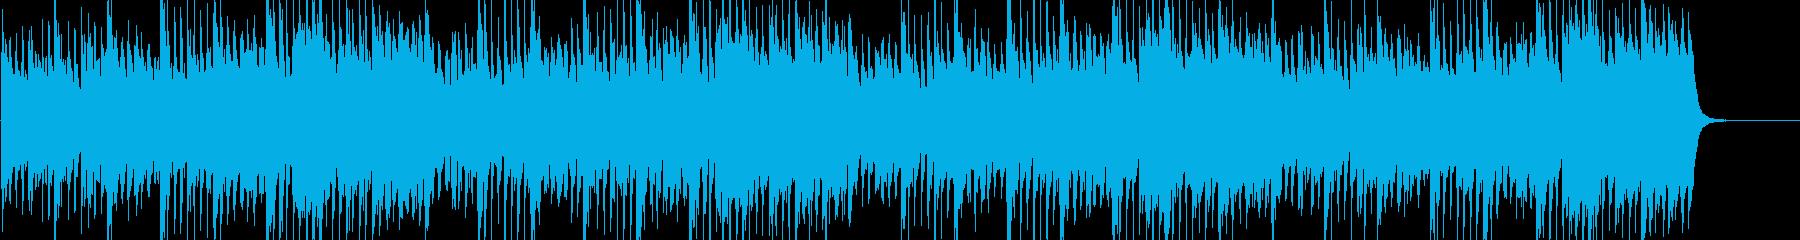 ホラー系、オーケストラ調のBGM の再生済みの波形